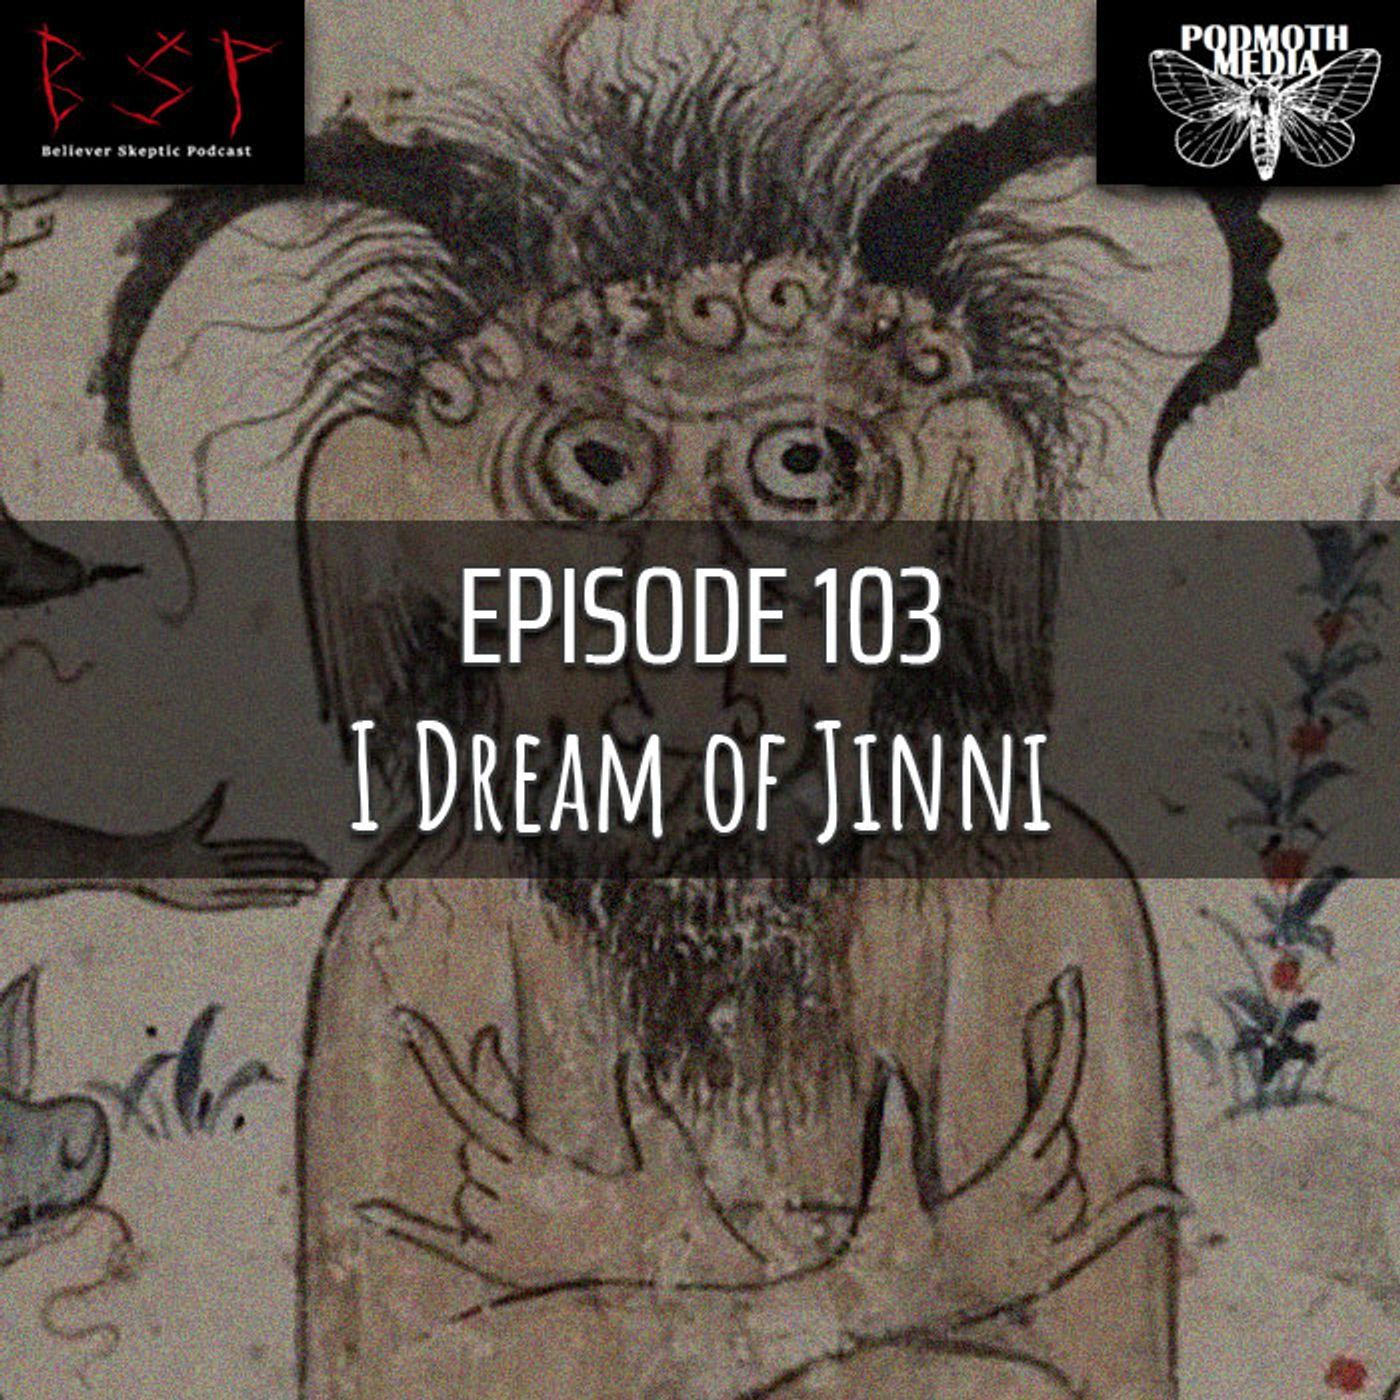 I Dream of Jinni